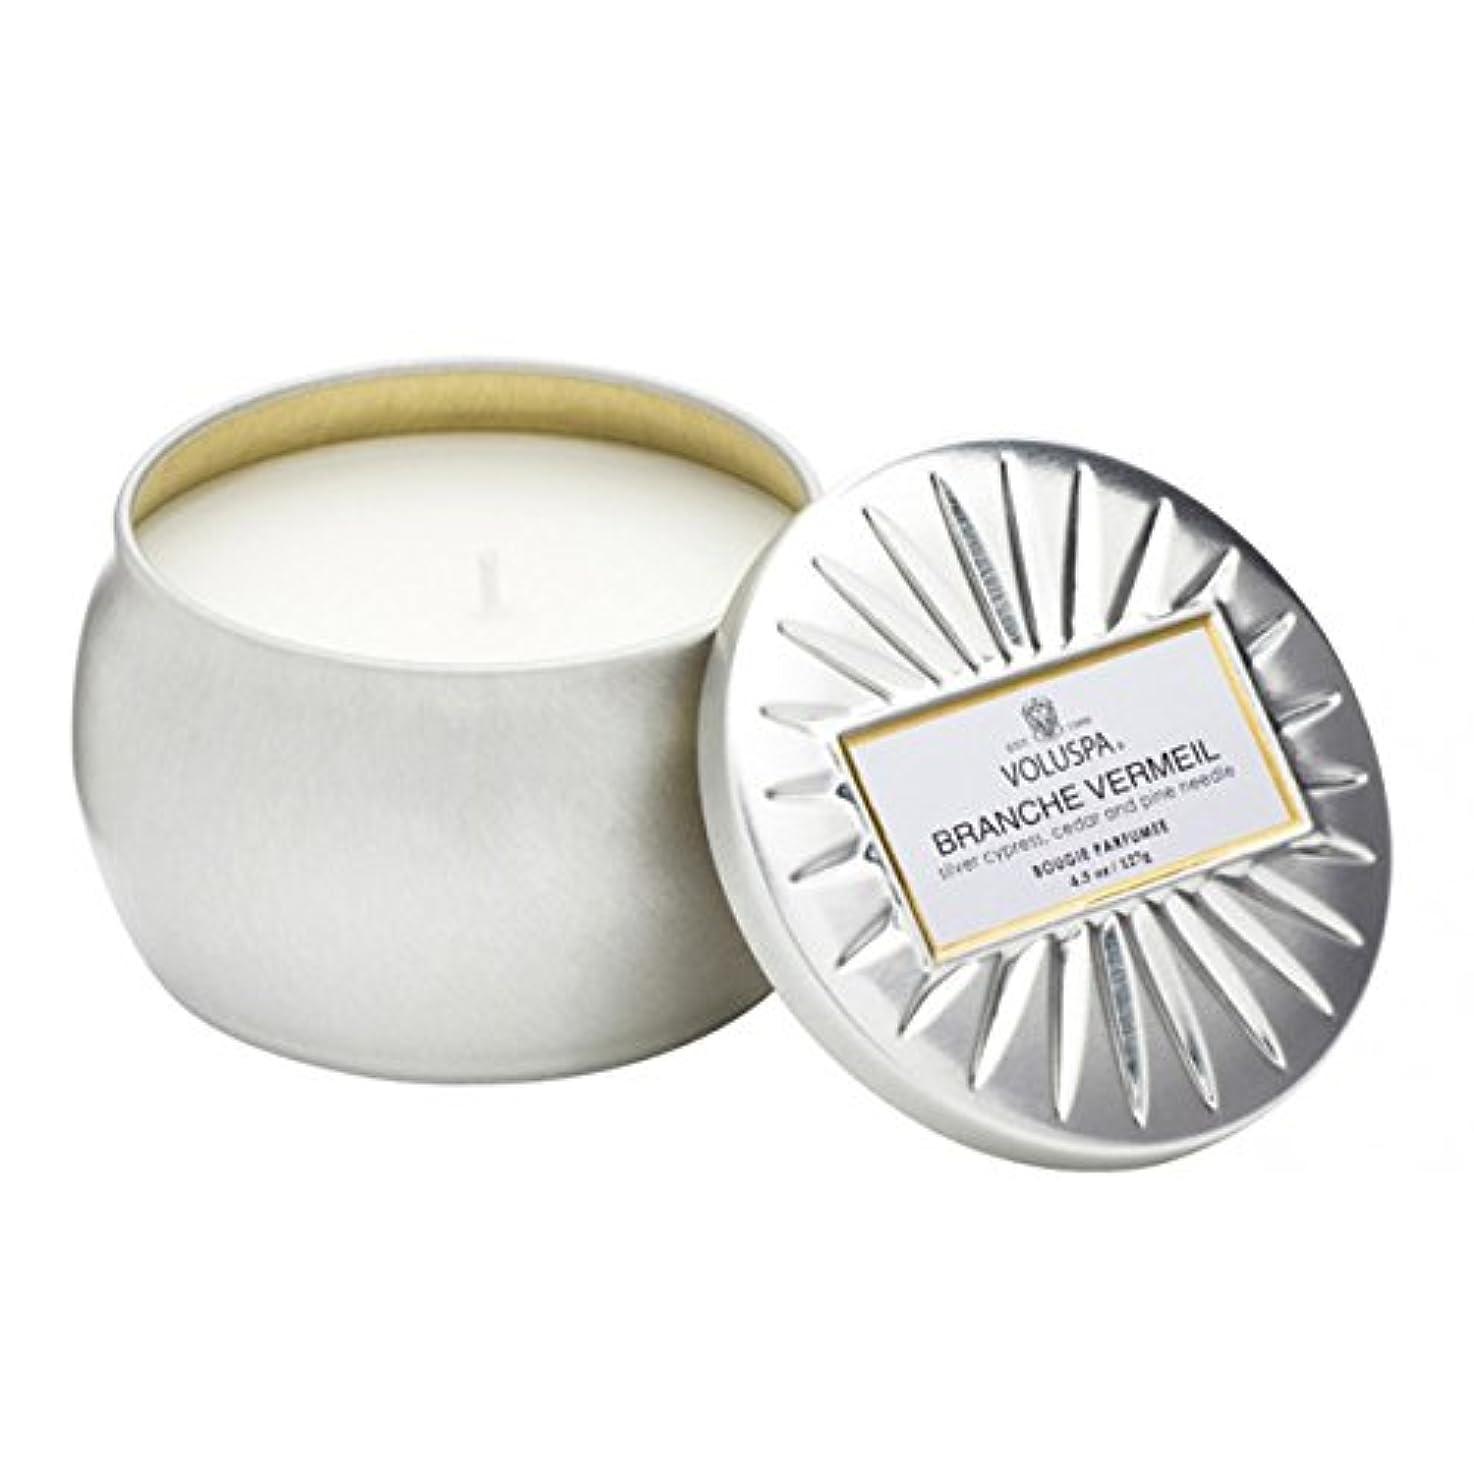 ディスカウント暫定プロテスタントVoluspa ボルスパ ヴァーメイル ティンキャンドル  S フ?ランチヴァーメイル BRANCHE VERMEIL VERMEIL PETITE Tin Glass Candle